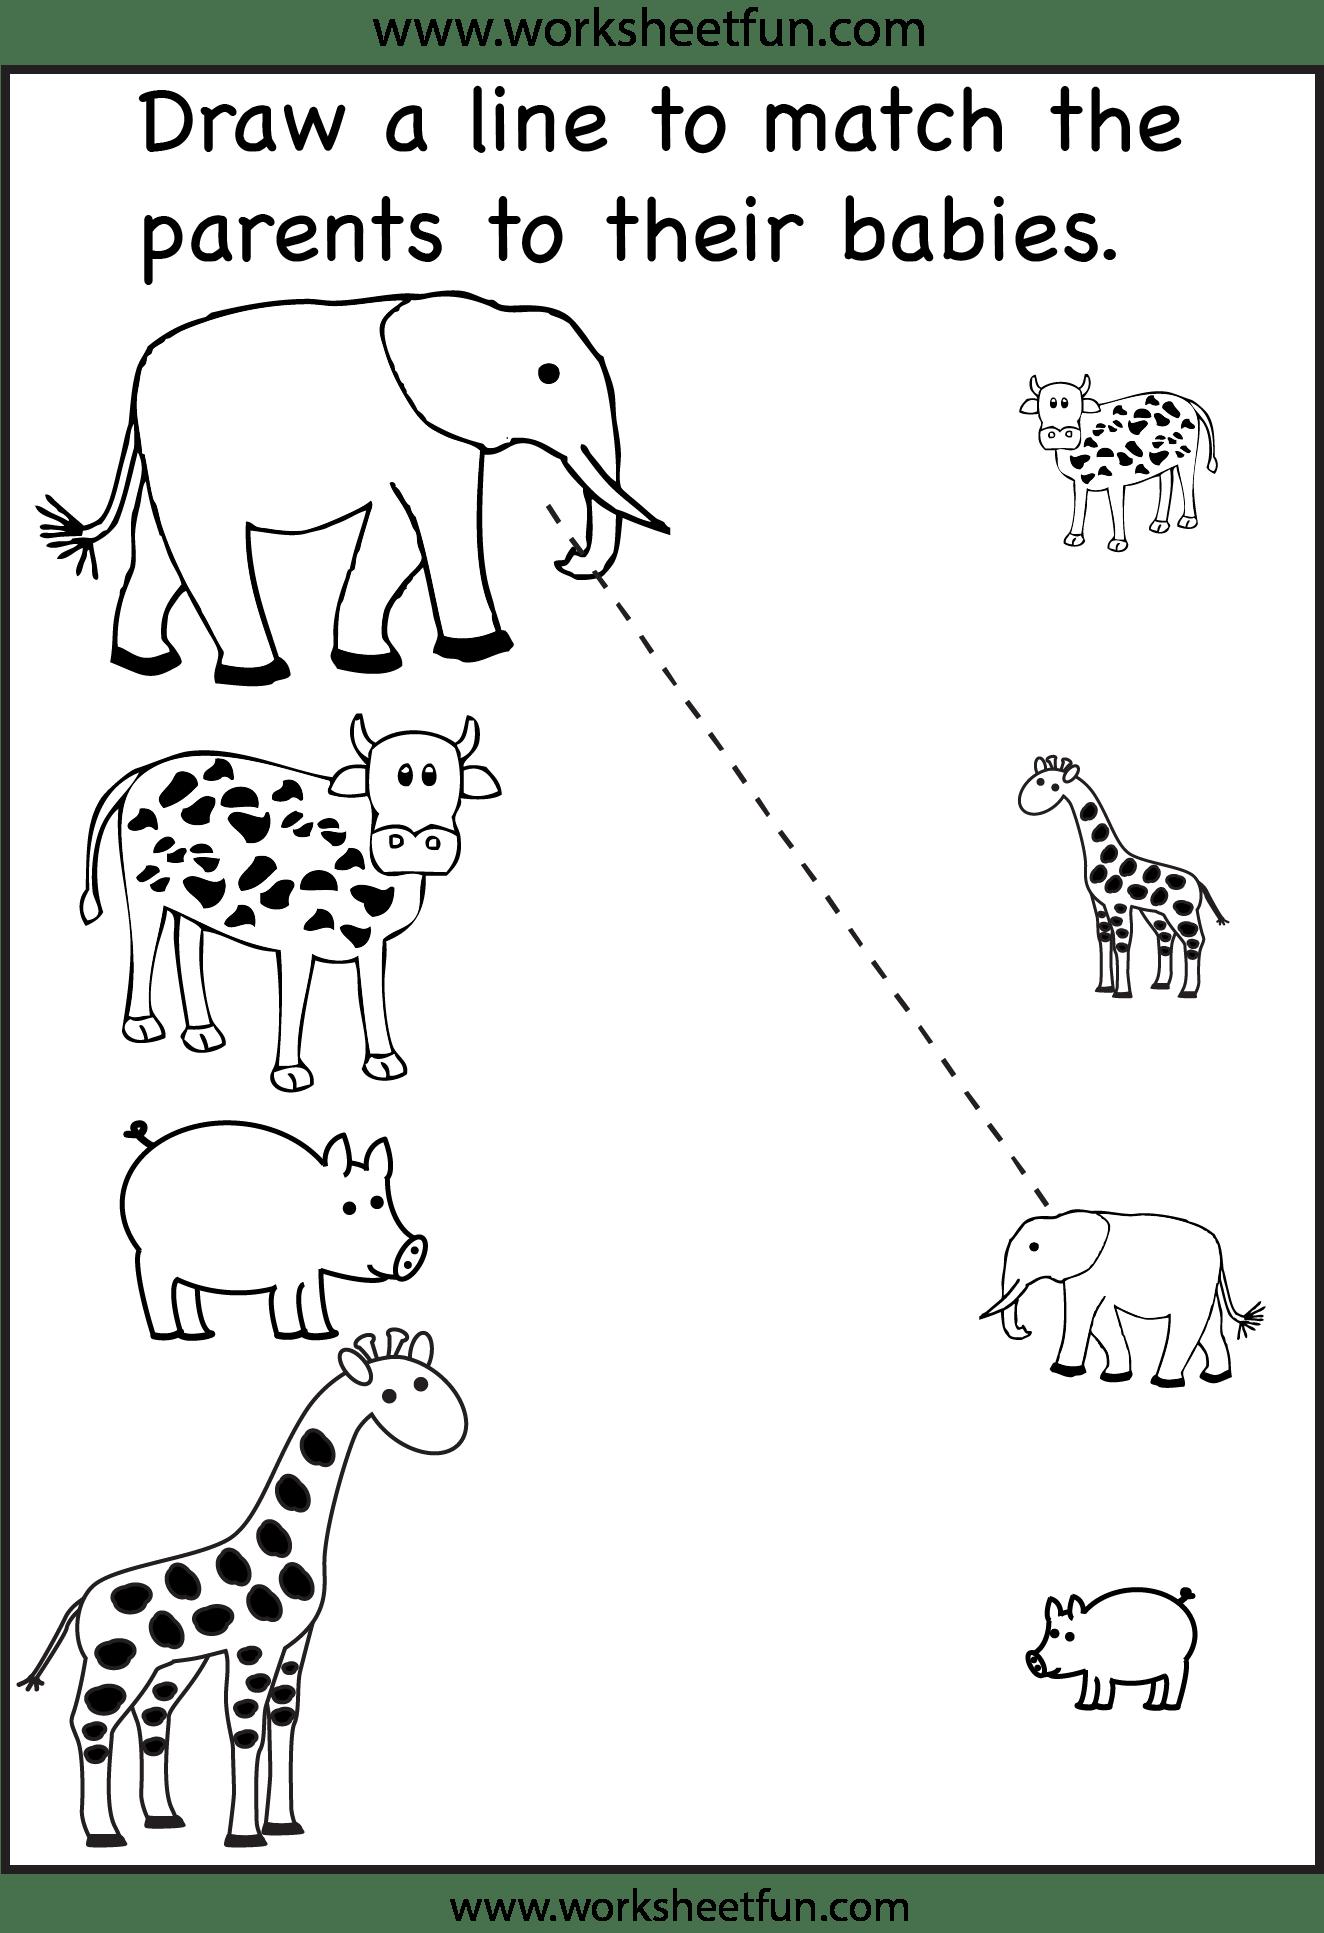 Animalbabyparent21